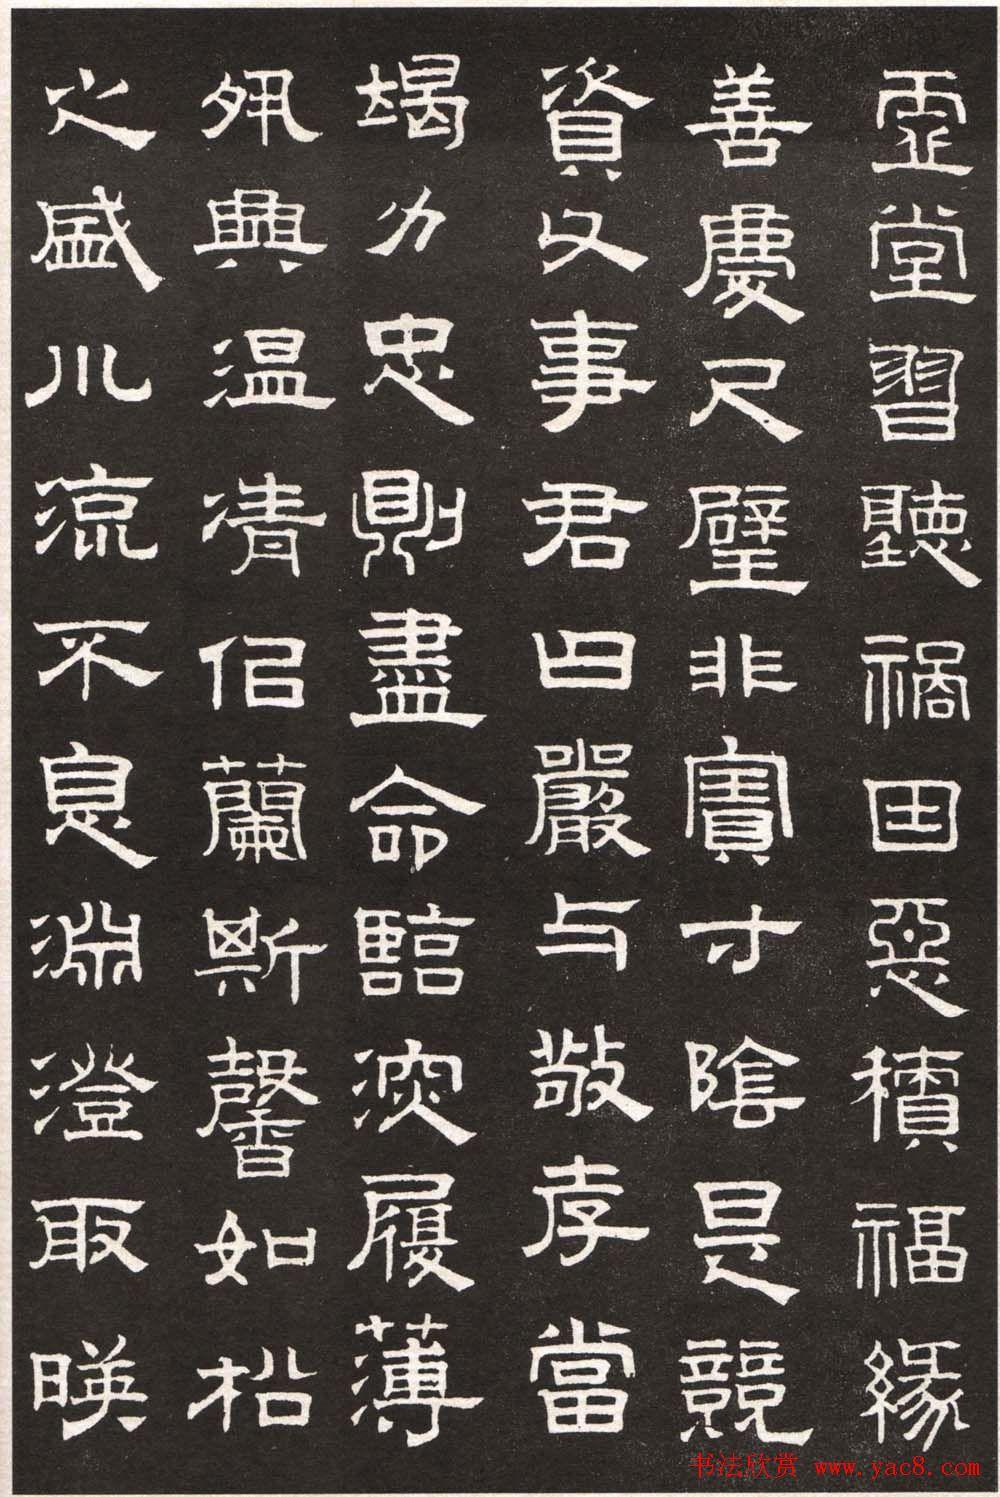 赵孟頫字帖欣赏隶书千字文(5)图片